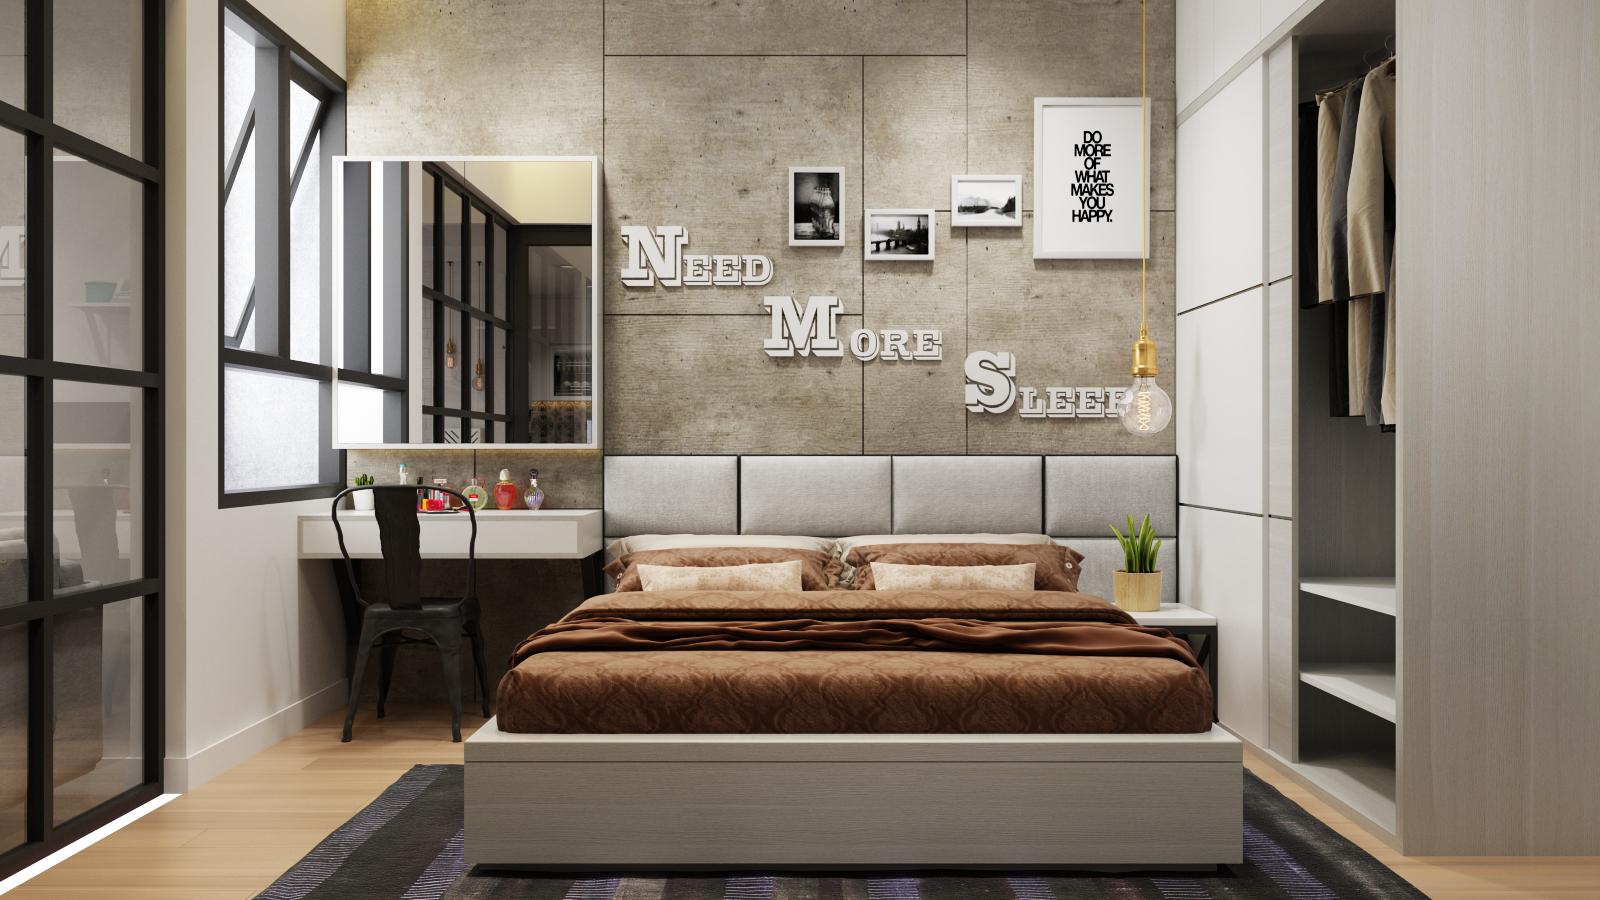 Đón xuân trong căn hộ thiết kế tinh tế